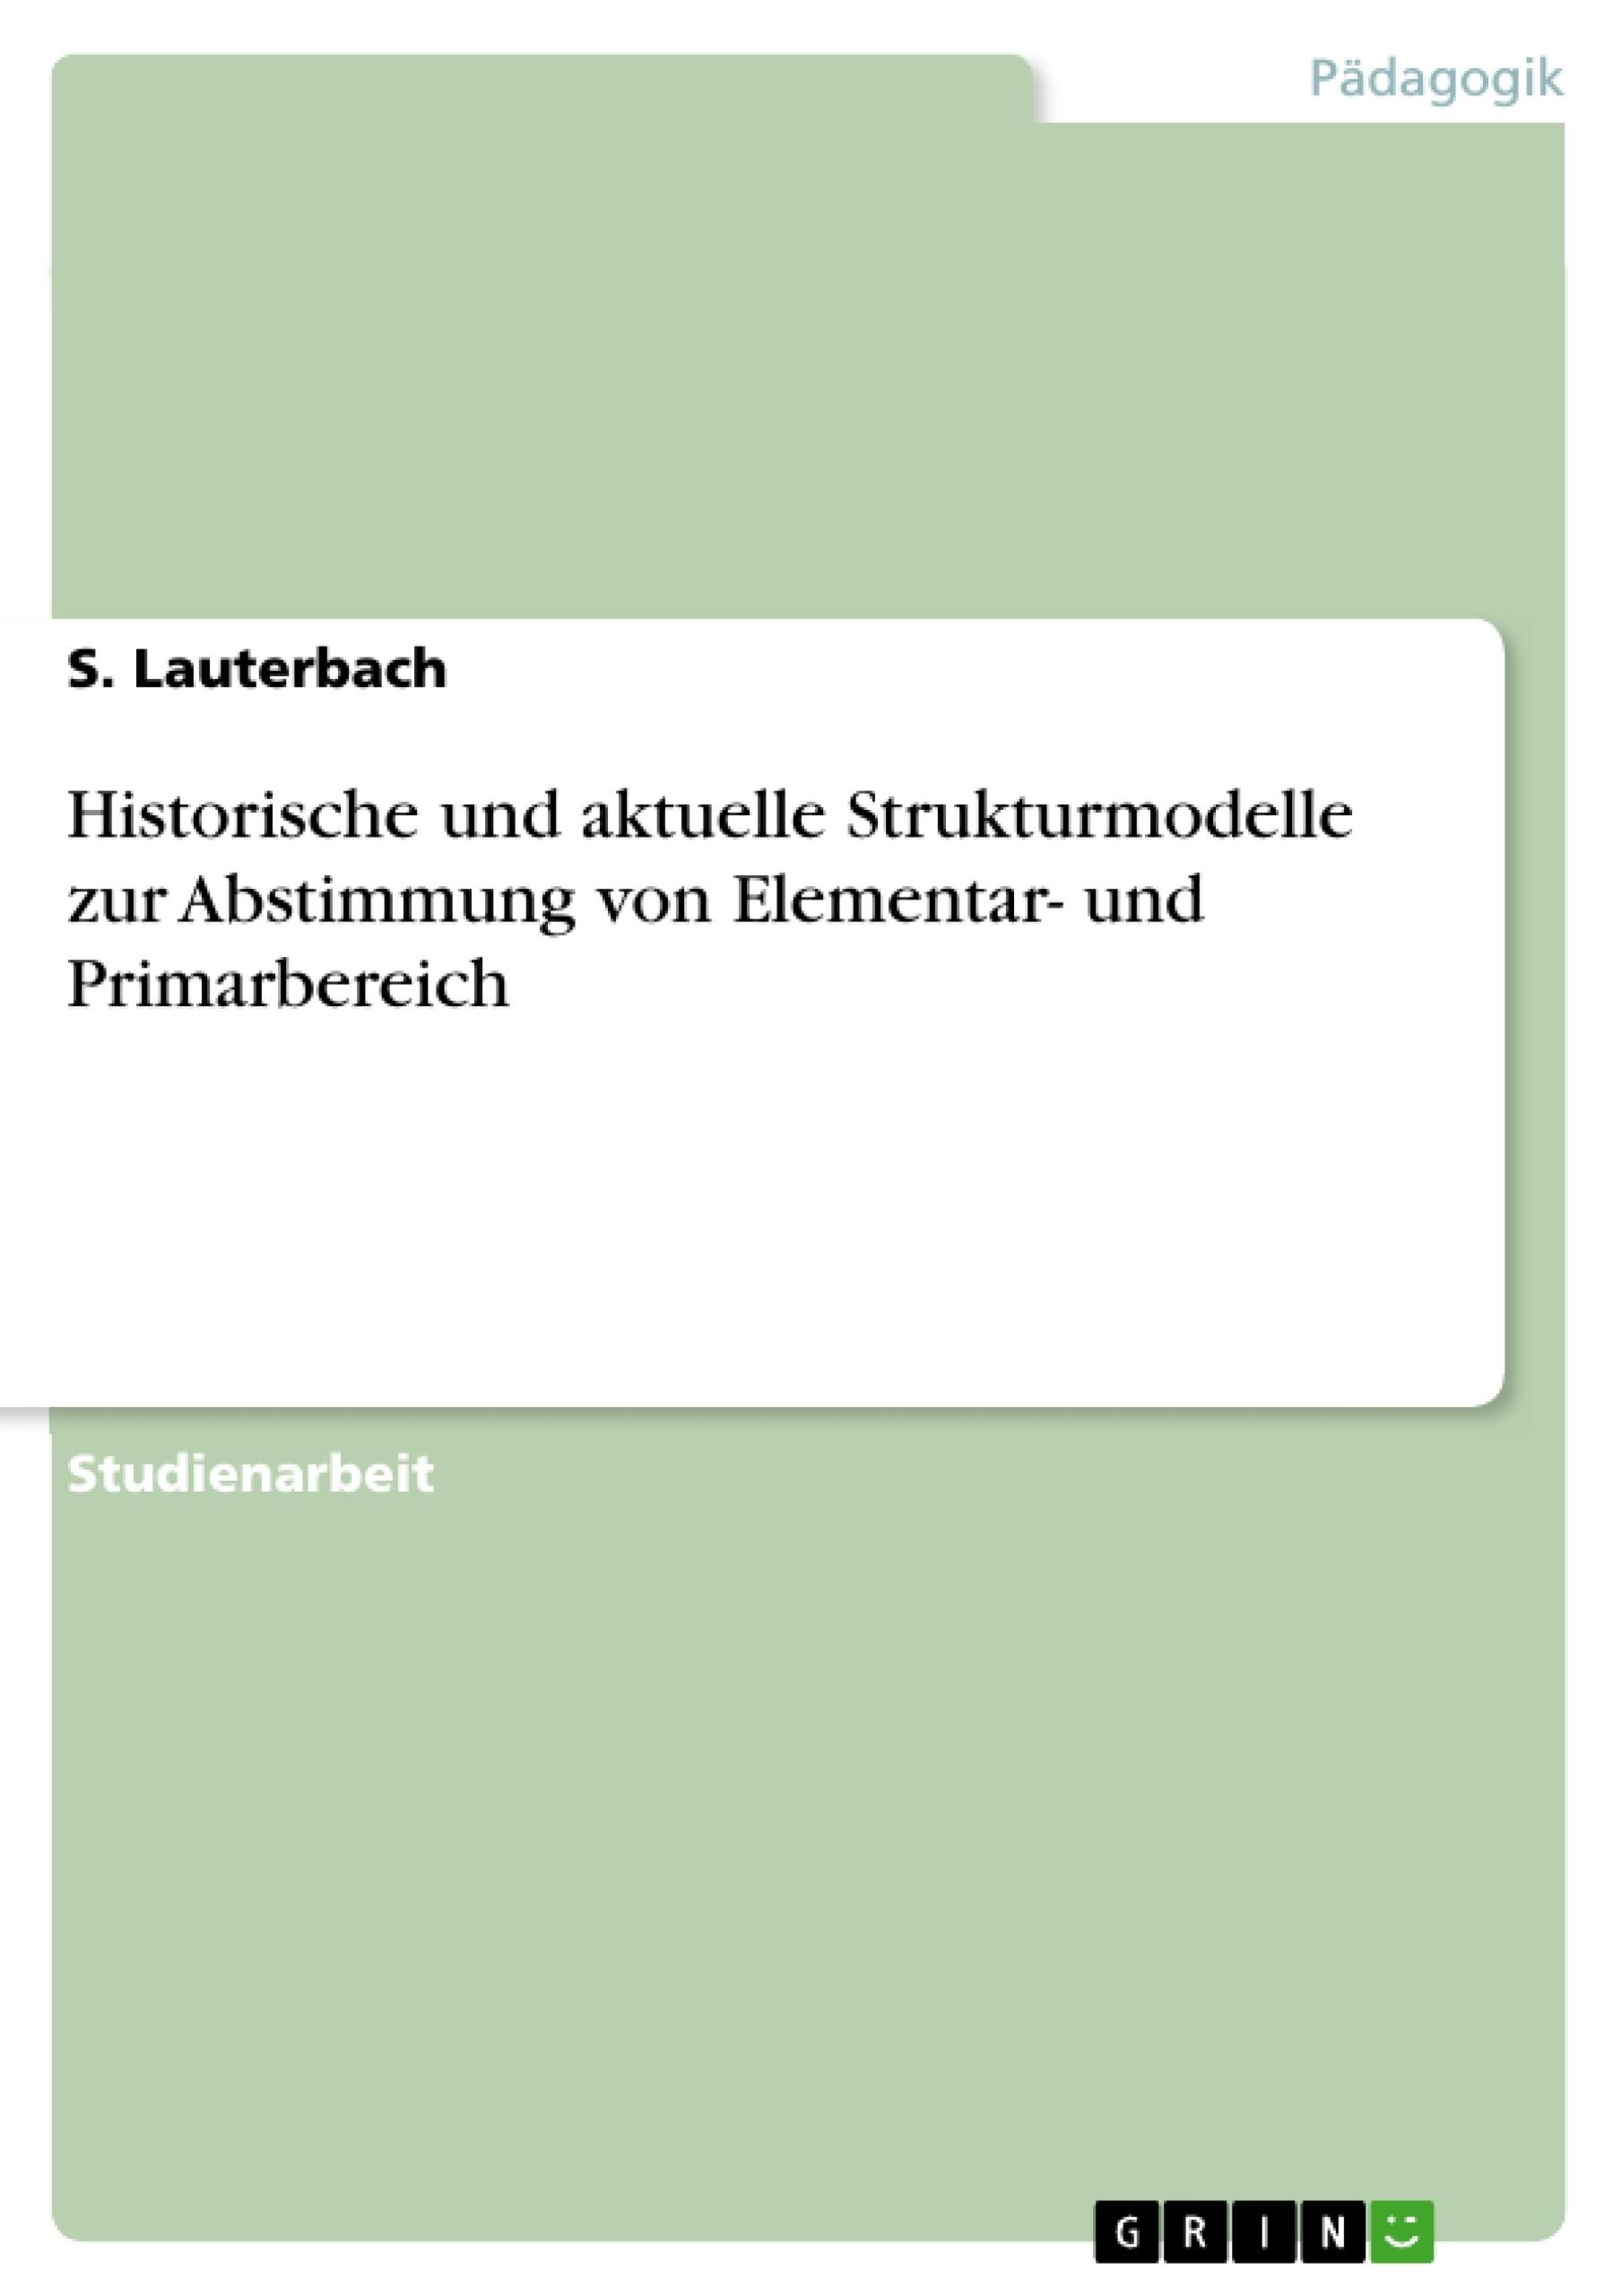 Titel: Historische und aktuelle Strukturmodelle zur Abstimmung von Elementar- und Primarbereich